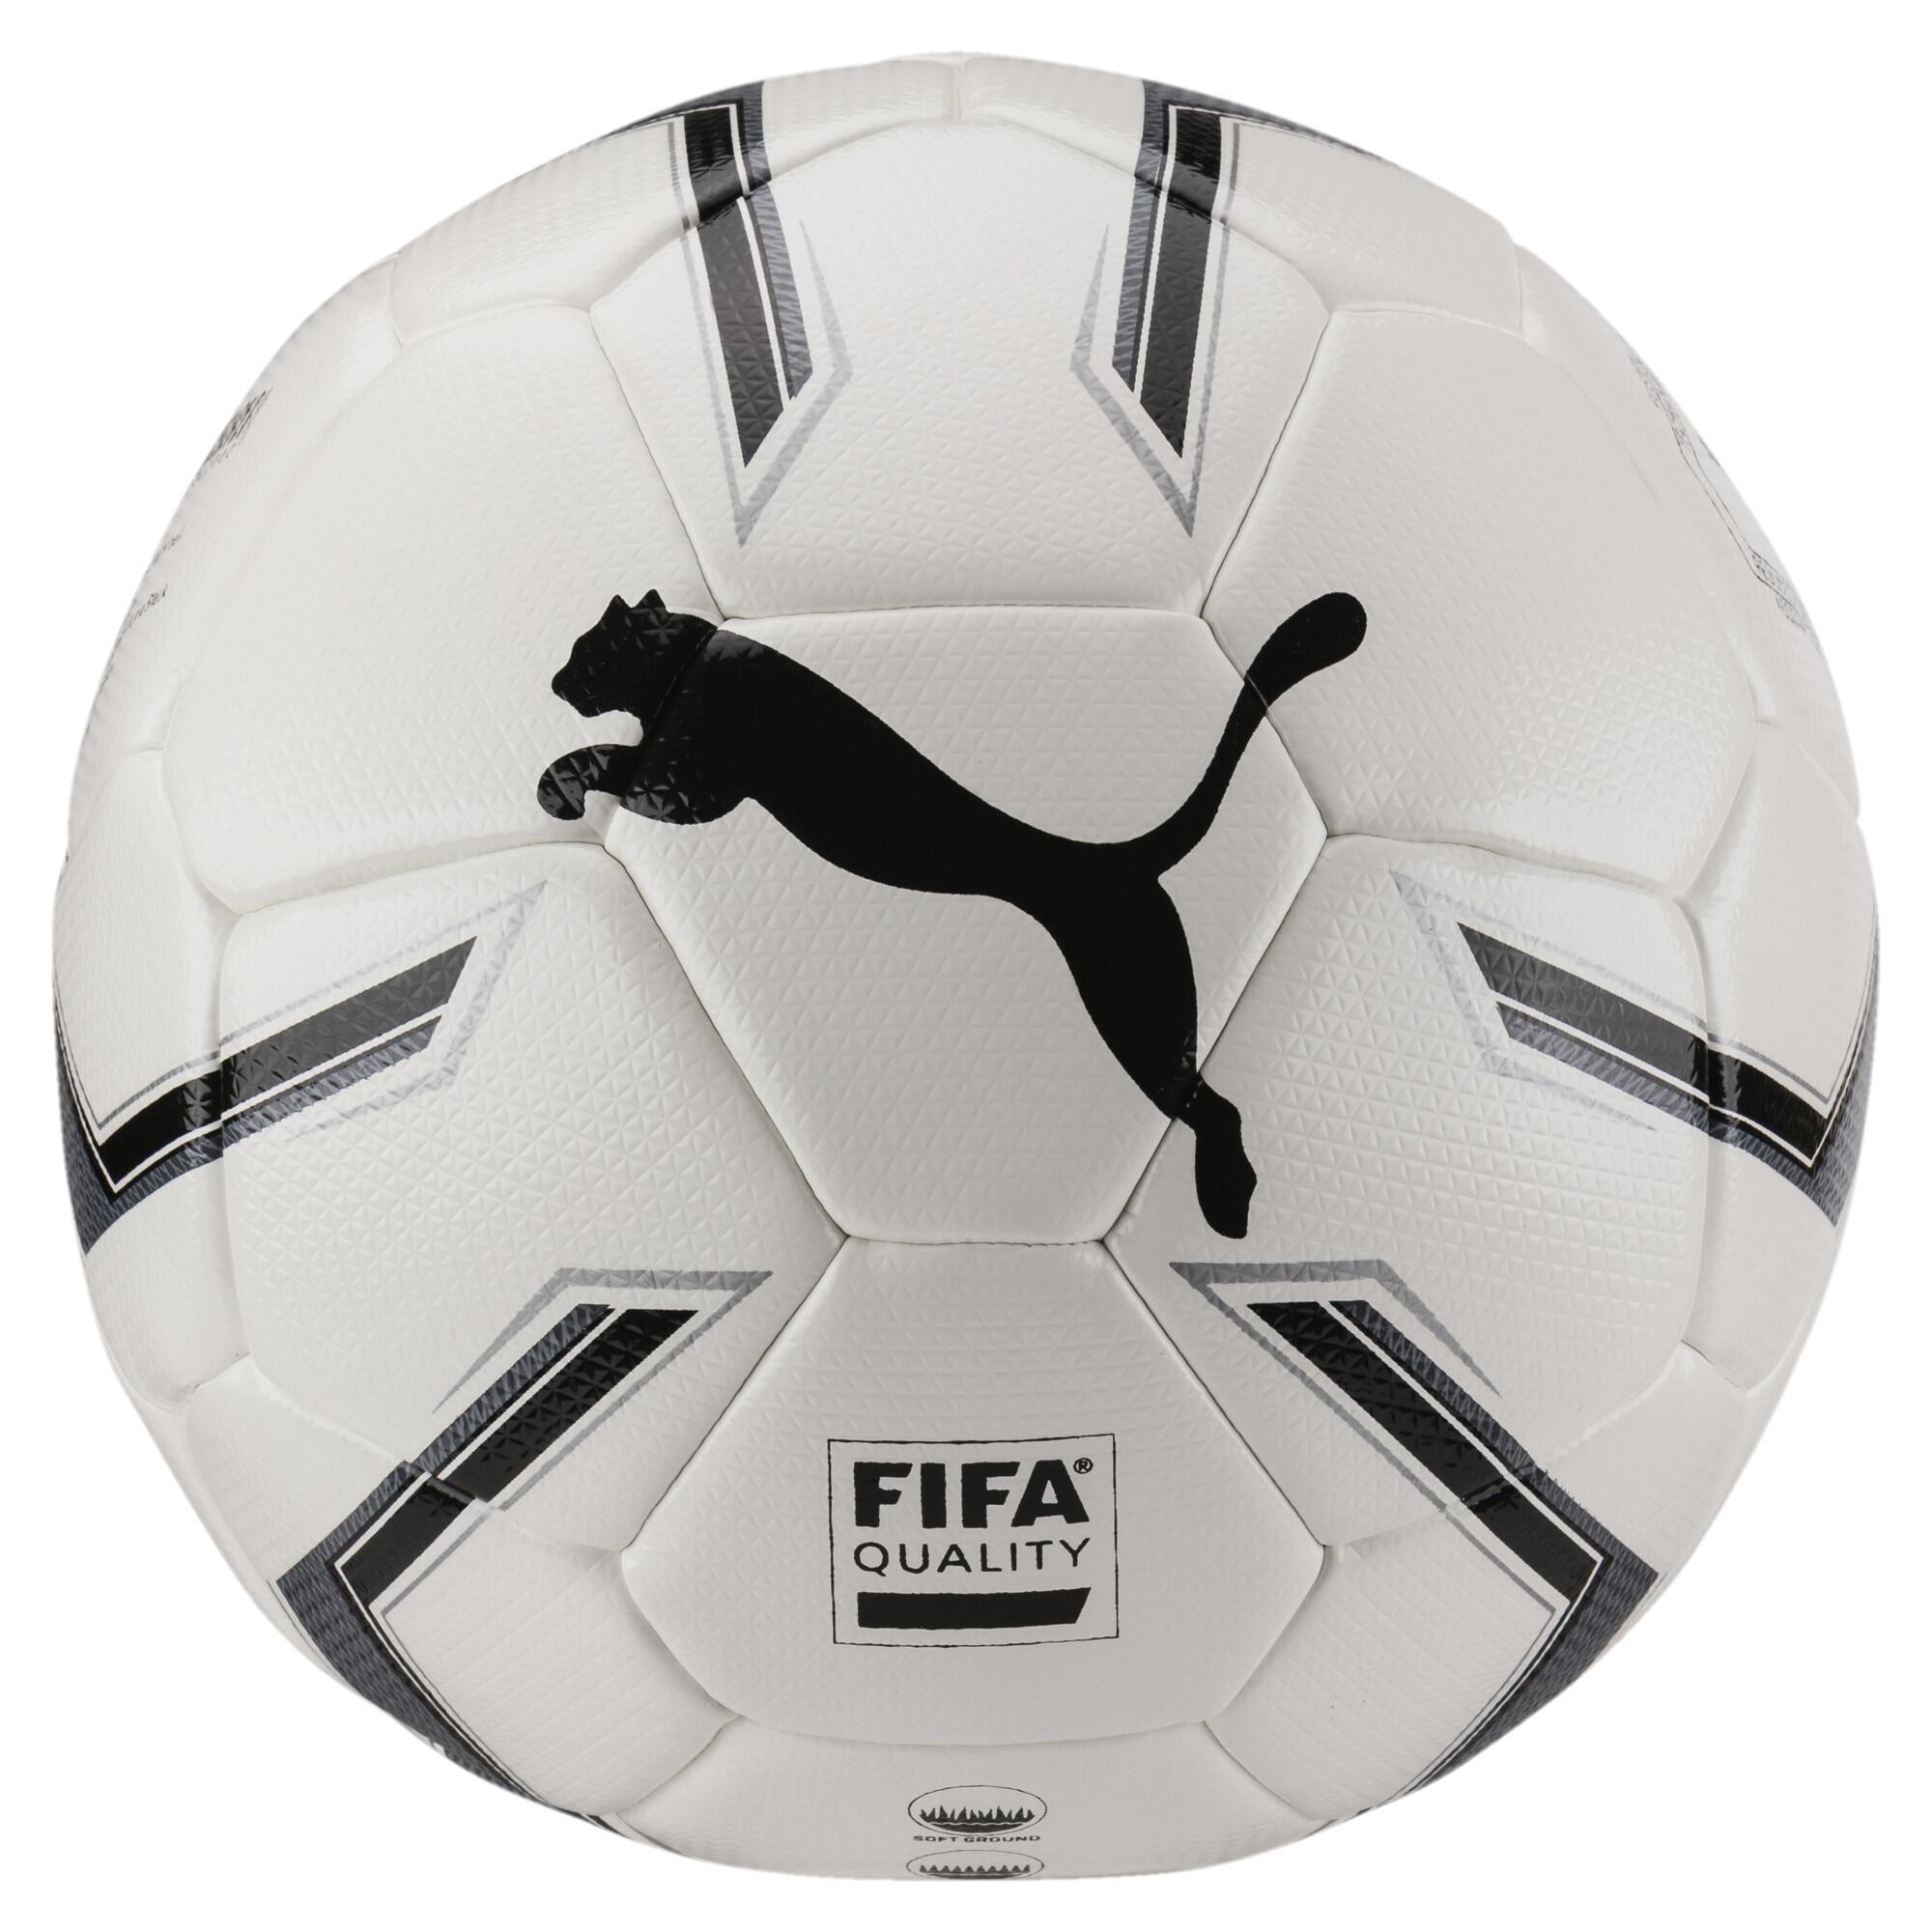 【プーマ公式通販】 プーマエリート 2.2 HYB サイズ4 (FIFA QUALITY) ボール J メンズ White-Black-Silver |PUMA.com